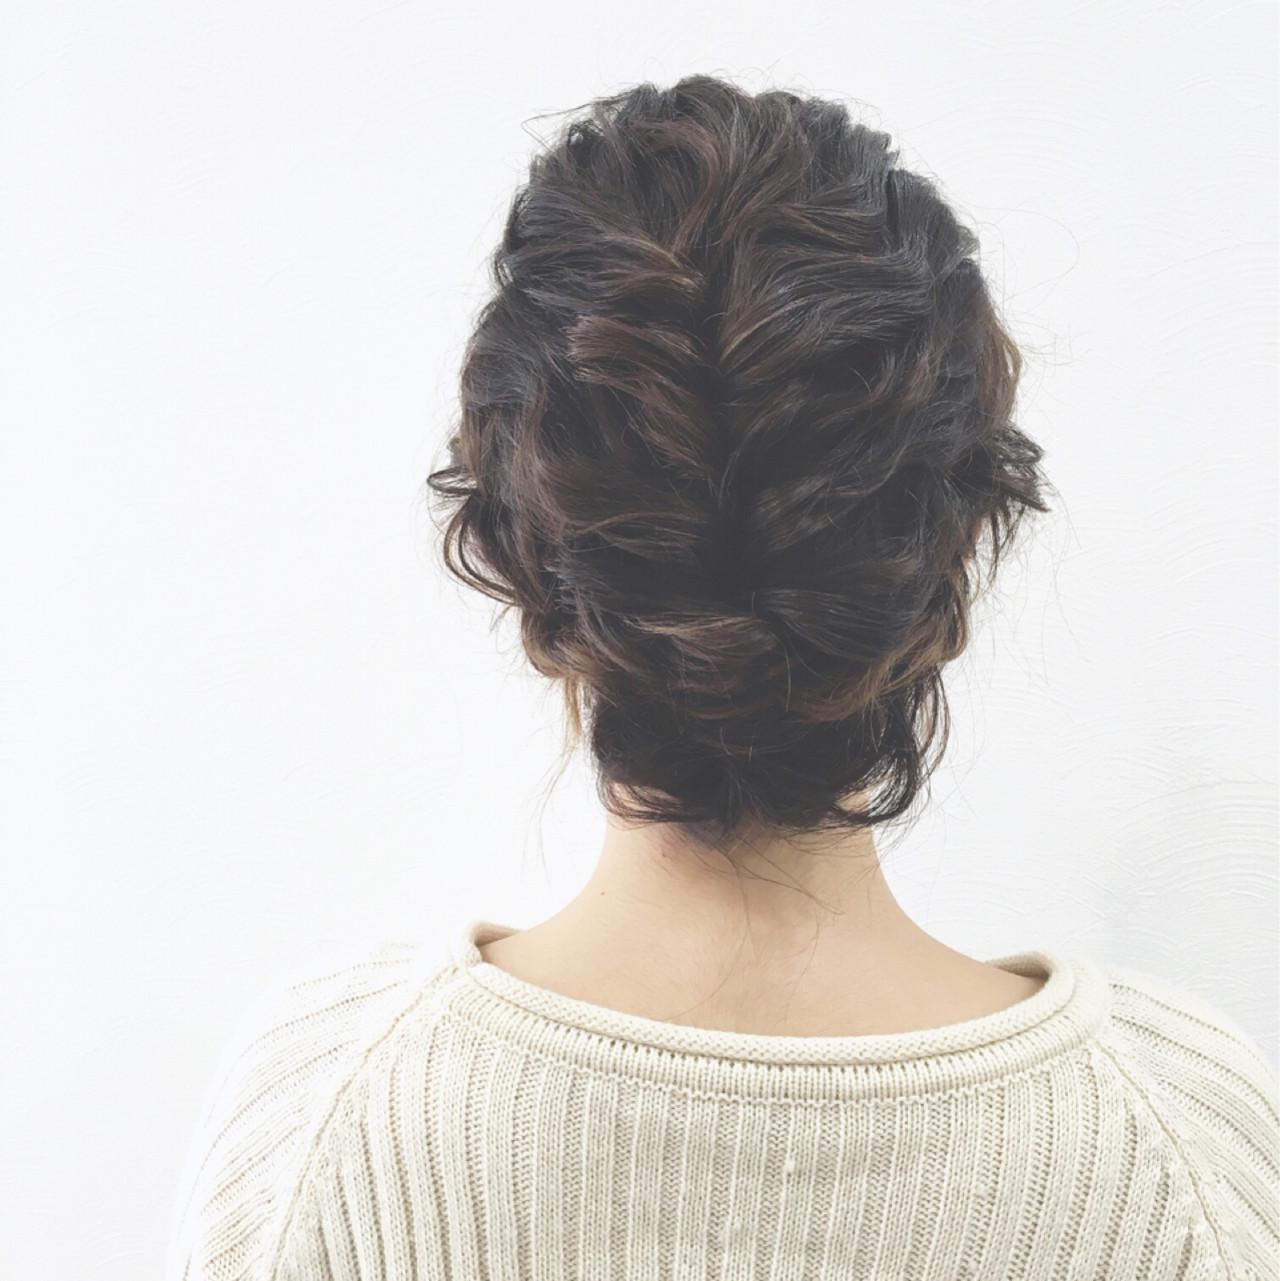 ショート ボブ ロープ編み ヘアアレンジ ヘアスタイルや髪型の写真・画像